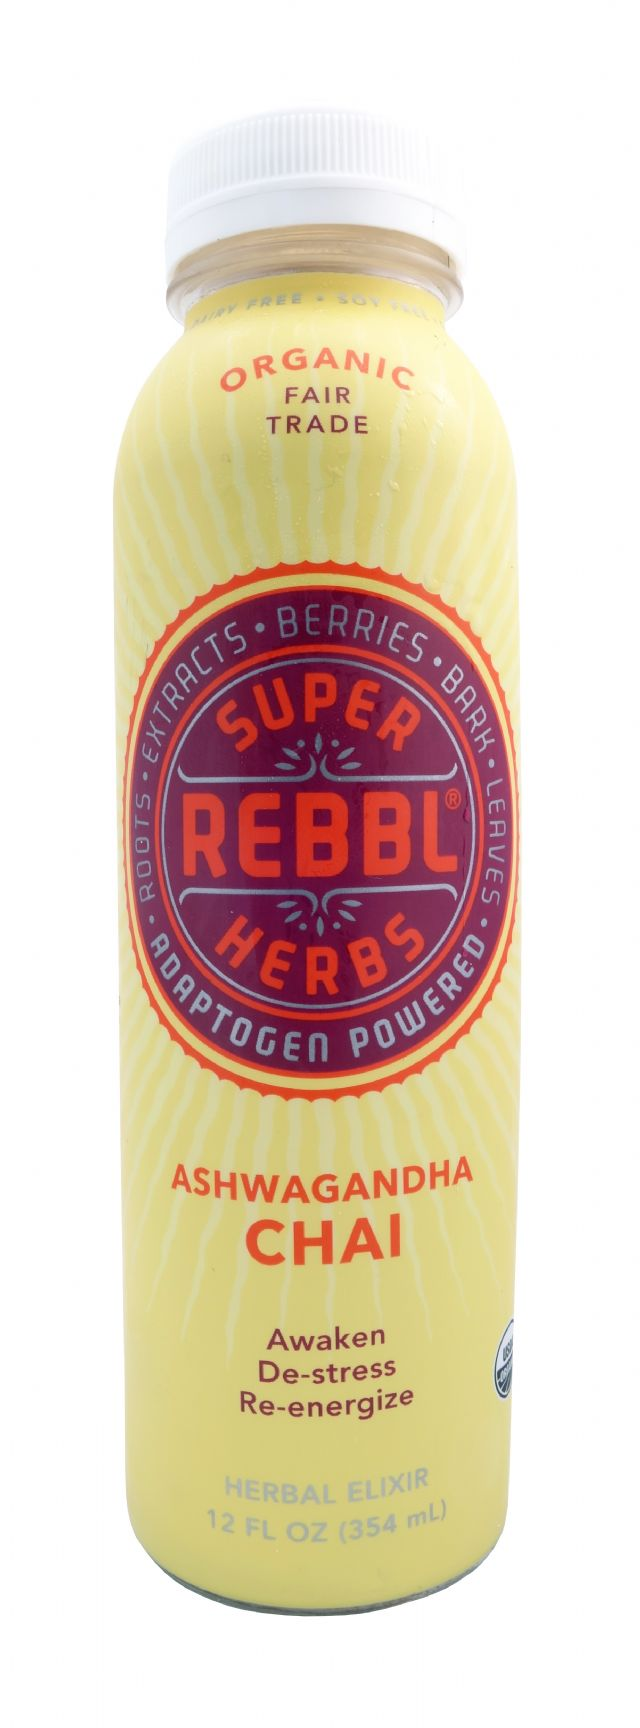 REBBL : SuperRebbl Chai Front